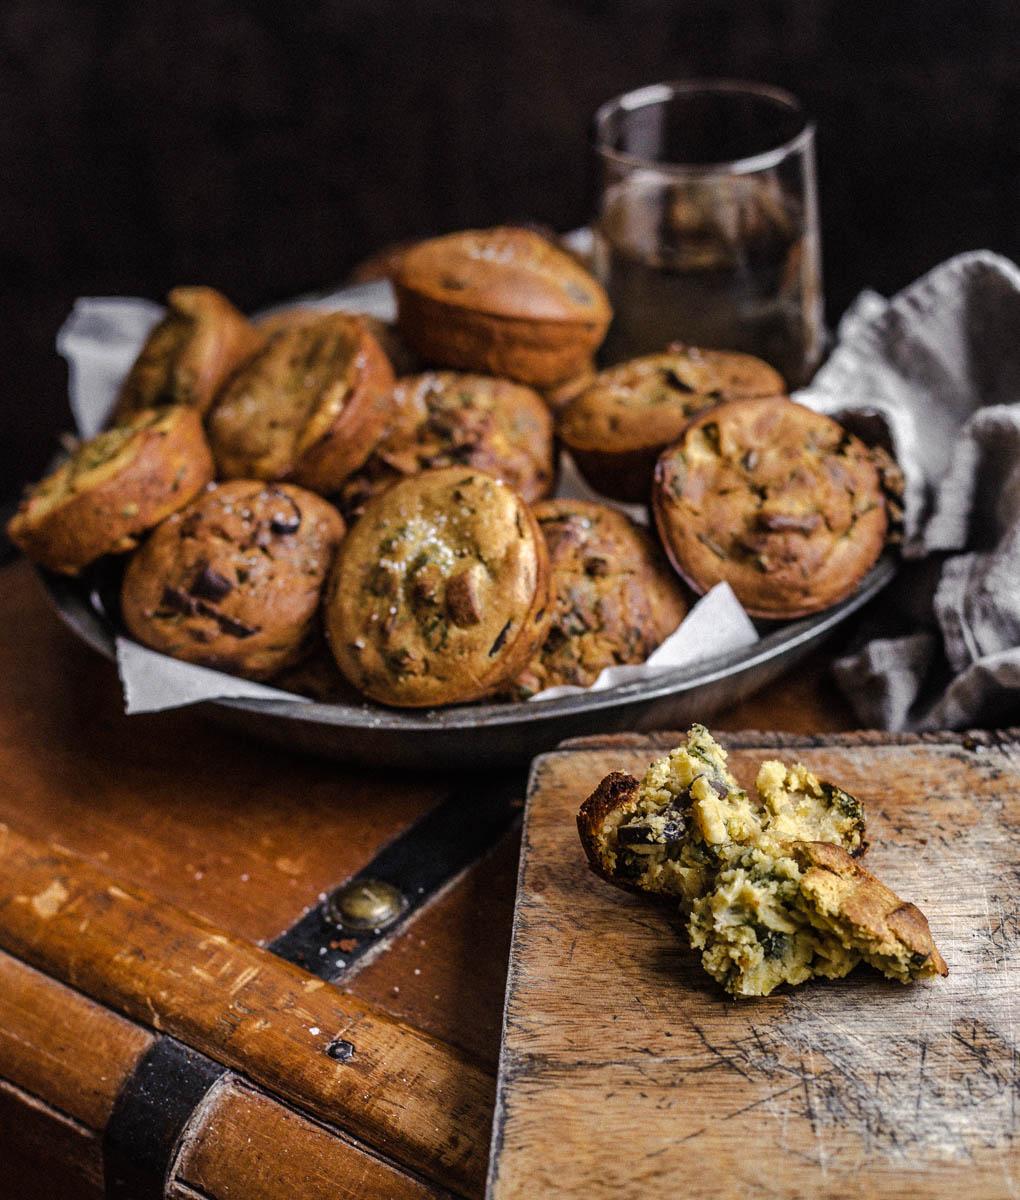 Lot de muffins salés dans dans une assiette métallique reposant sur un coffre en bois.